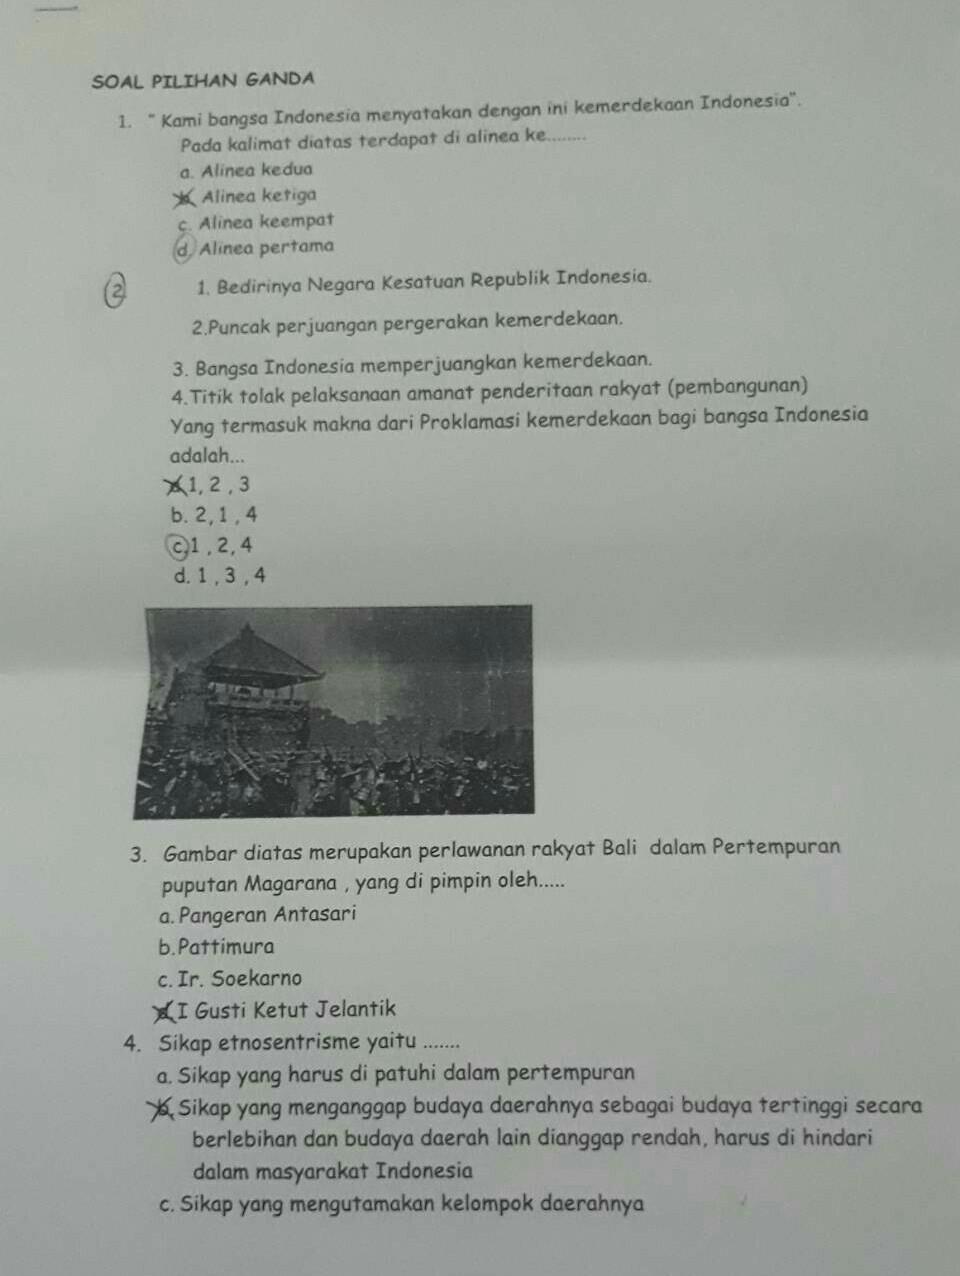 Soal Pilihan Ganda Pkn Kelas 7 Semester 1 Kurikulum 2013 : pilihan, ganda, kelas, semester, kurikulum, Kelas, Galeri